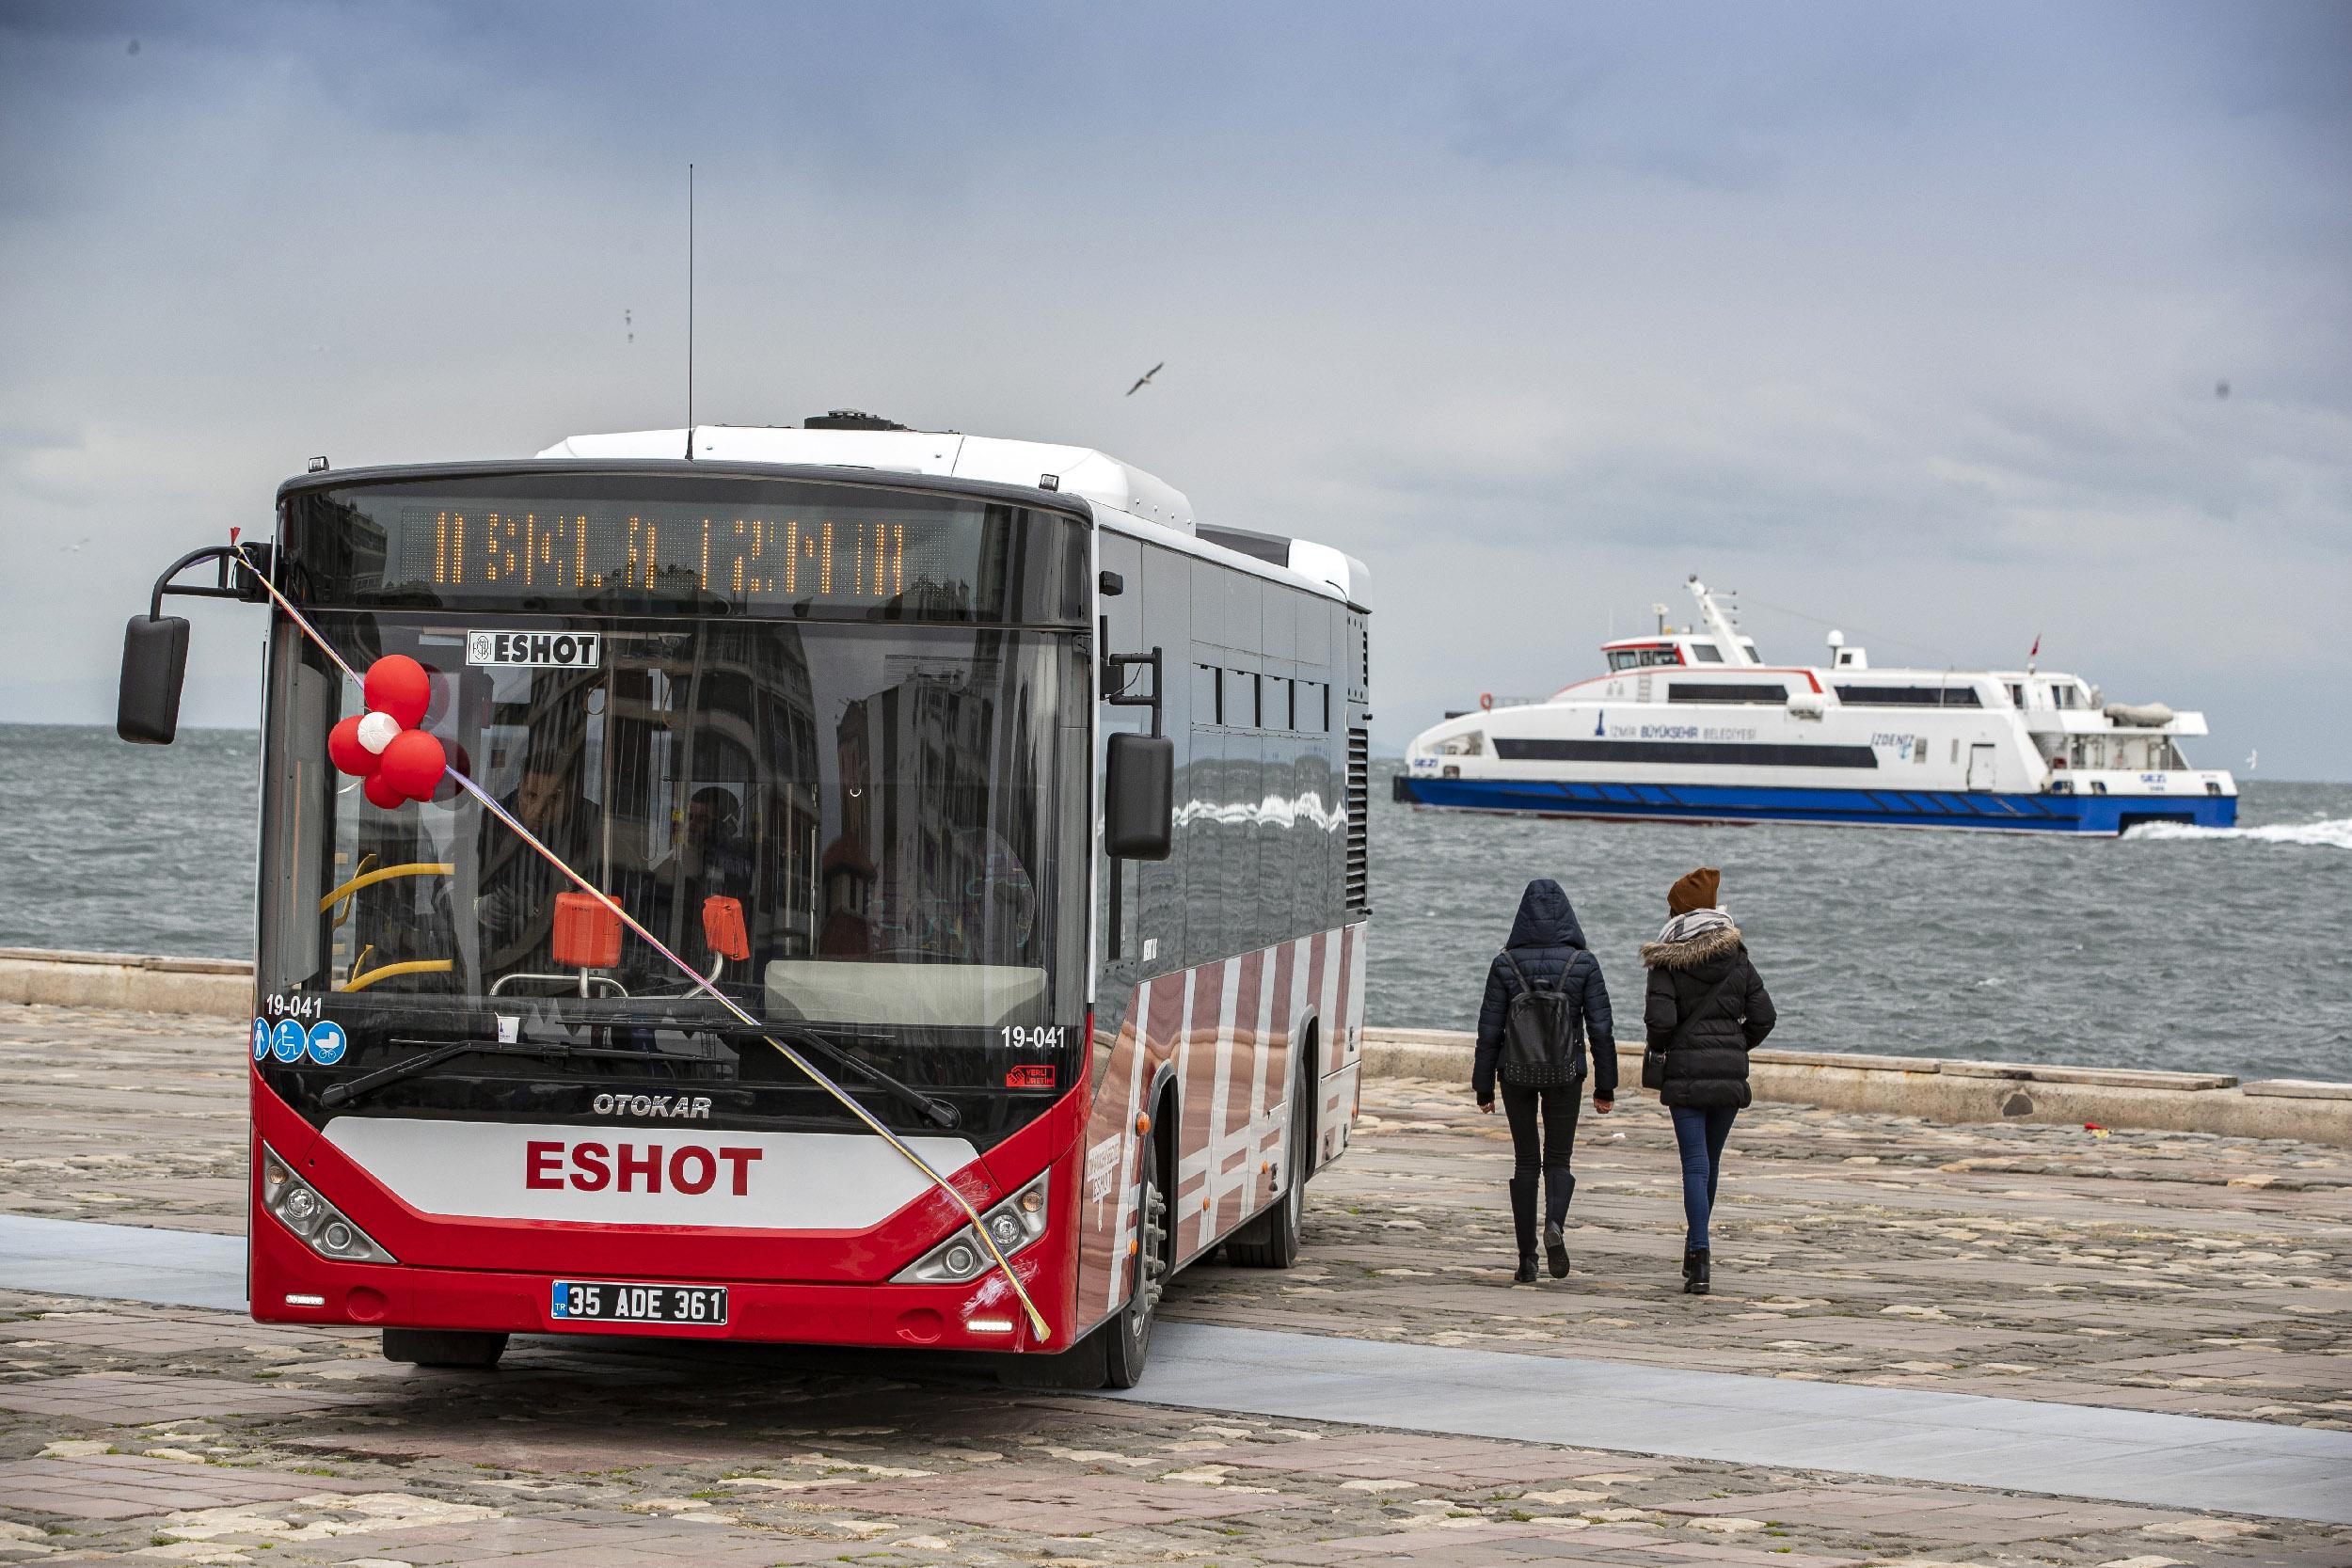 Yılın son teslimatı Otokar'dan ESHOT'a